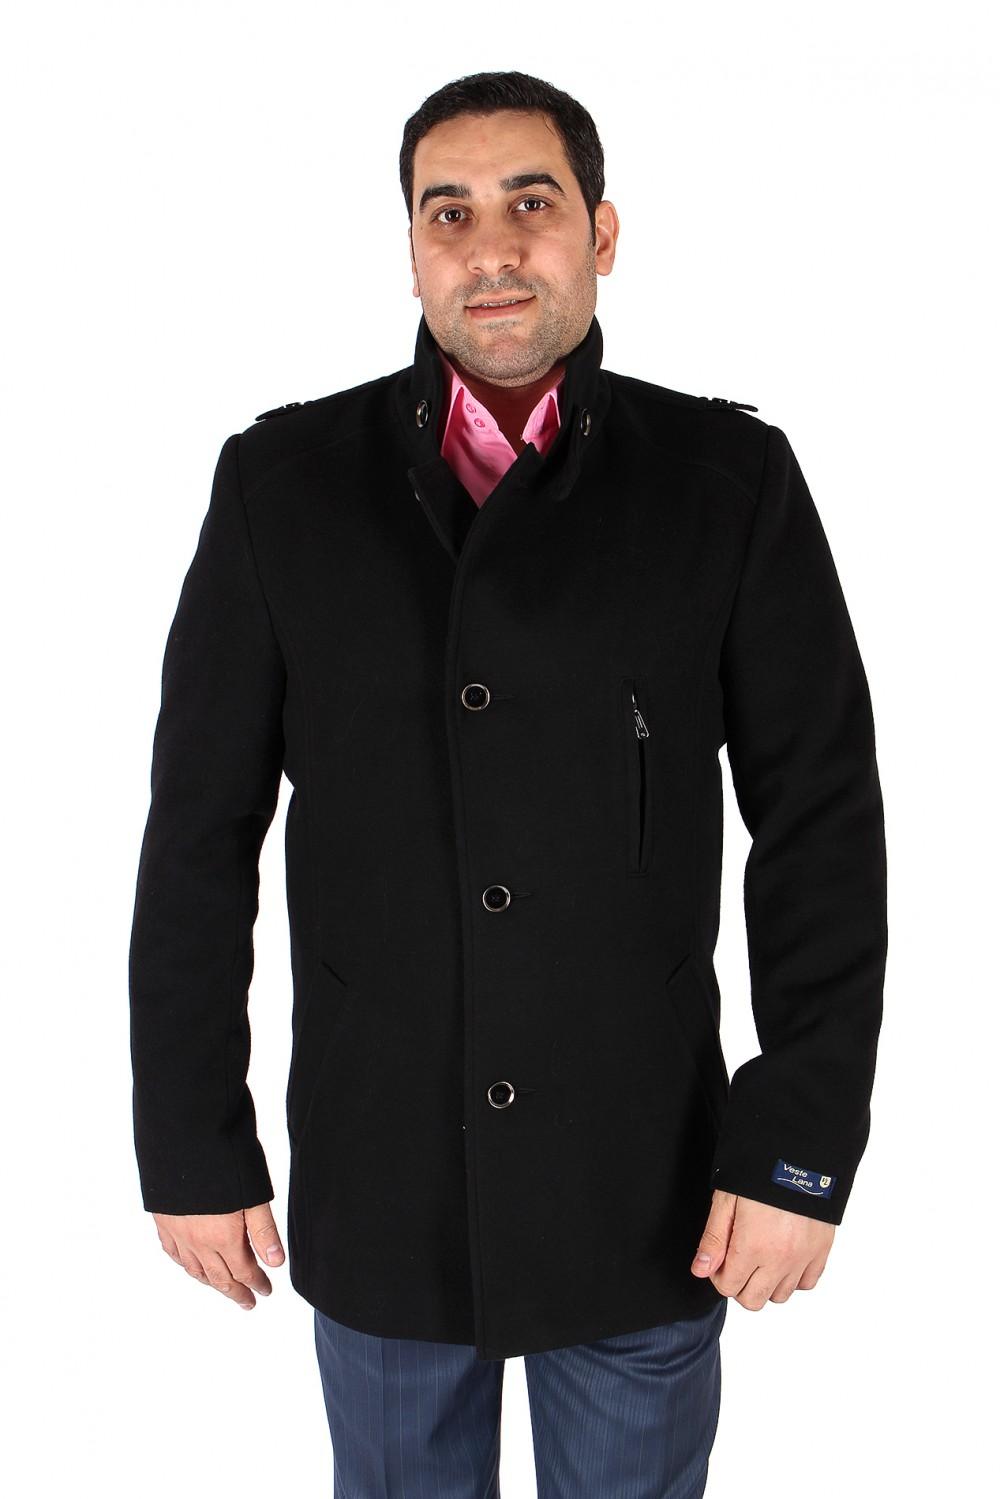 Купить оптом Полупальто мужское черного цвета Кс-25Ch в Санкт-Петербурге